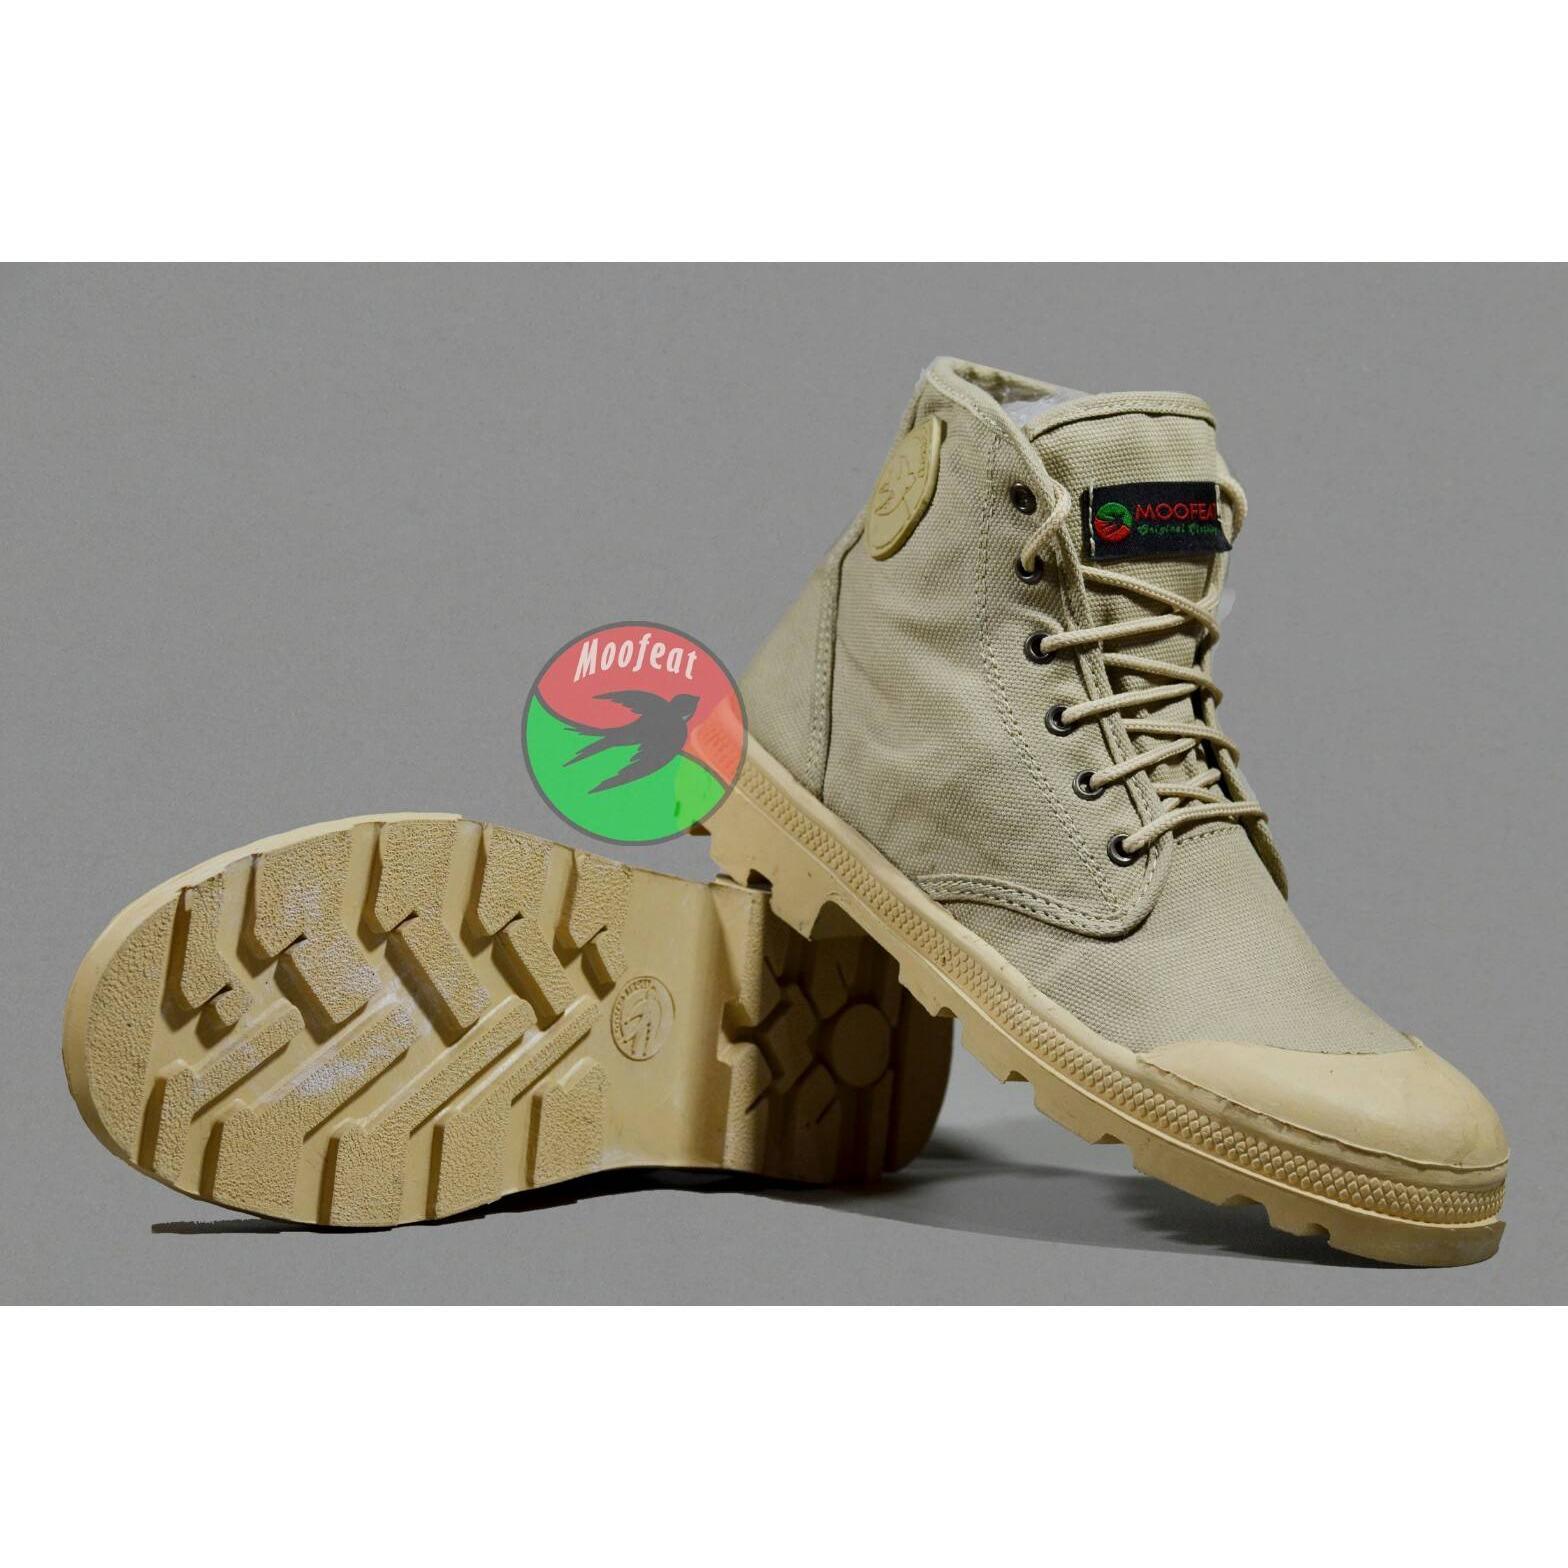 Beli Murah Sepatu Rocker Pentas Underground Kantor Kuliah Sneakers Varka Casual Pria 005 Boots Kerja Formal Santai Nongkrong Hiking